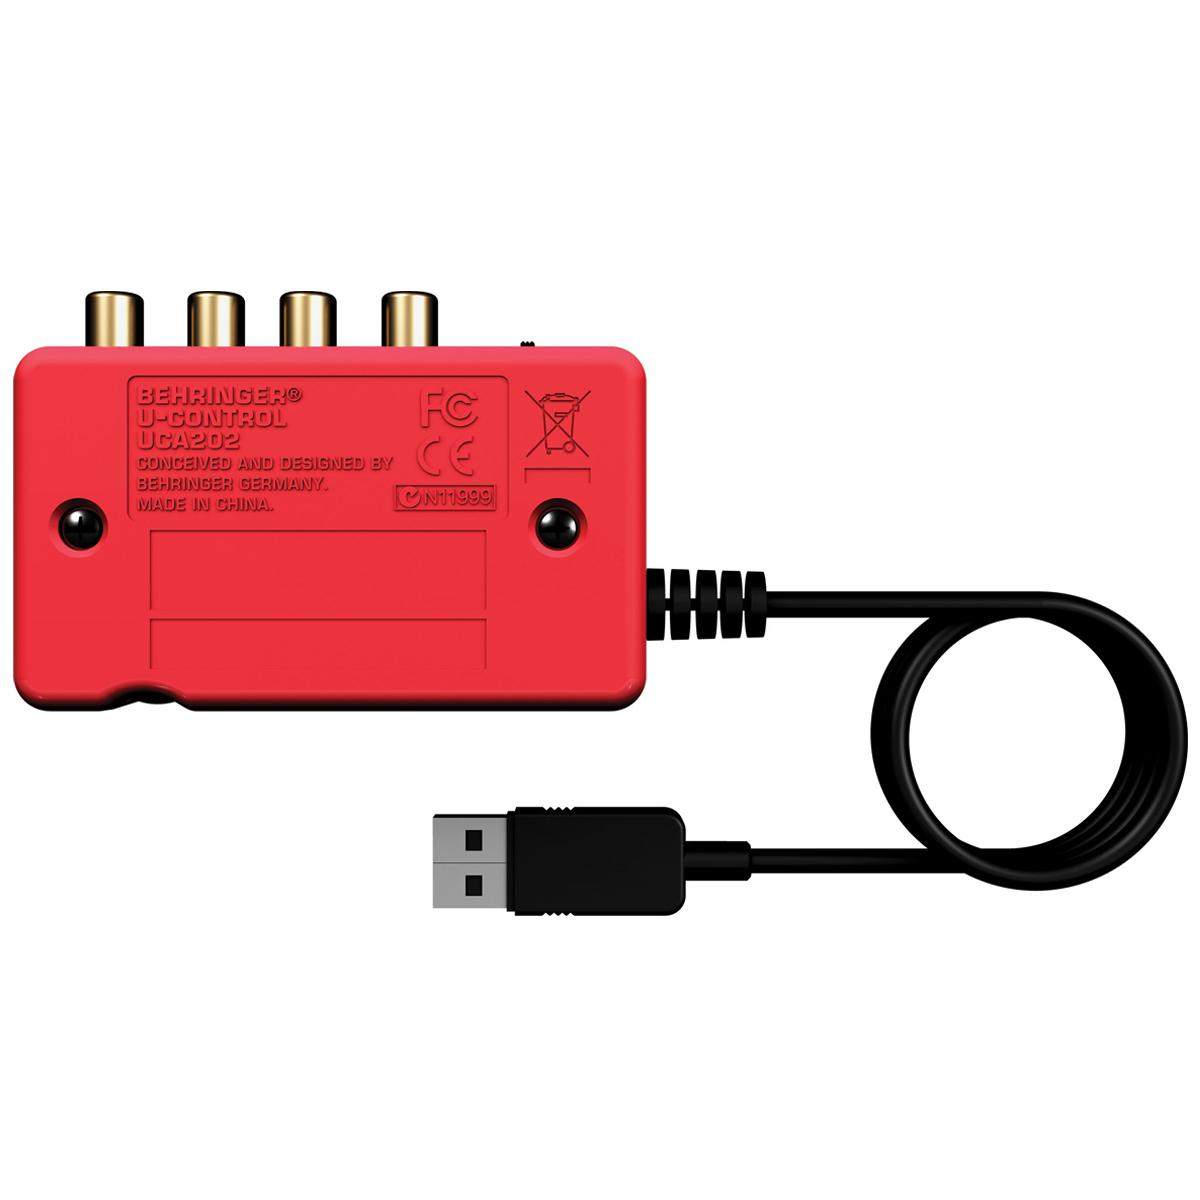 Placa de Som / Interface de Áudio USB U-Control UCA222 - Behringer